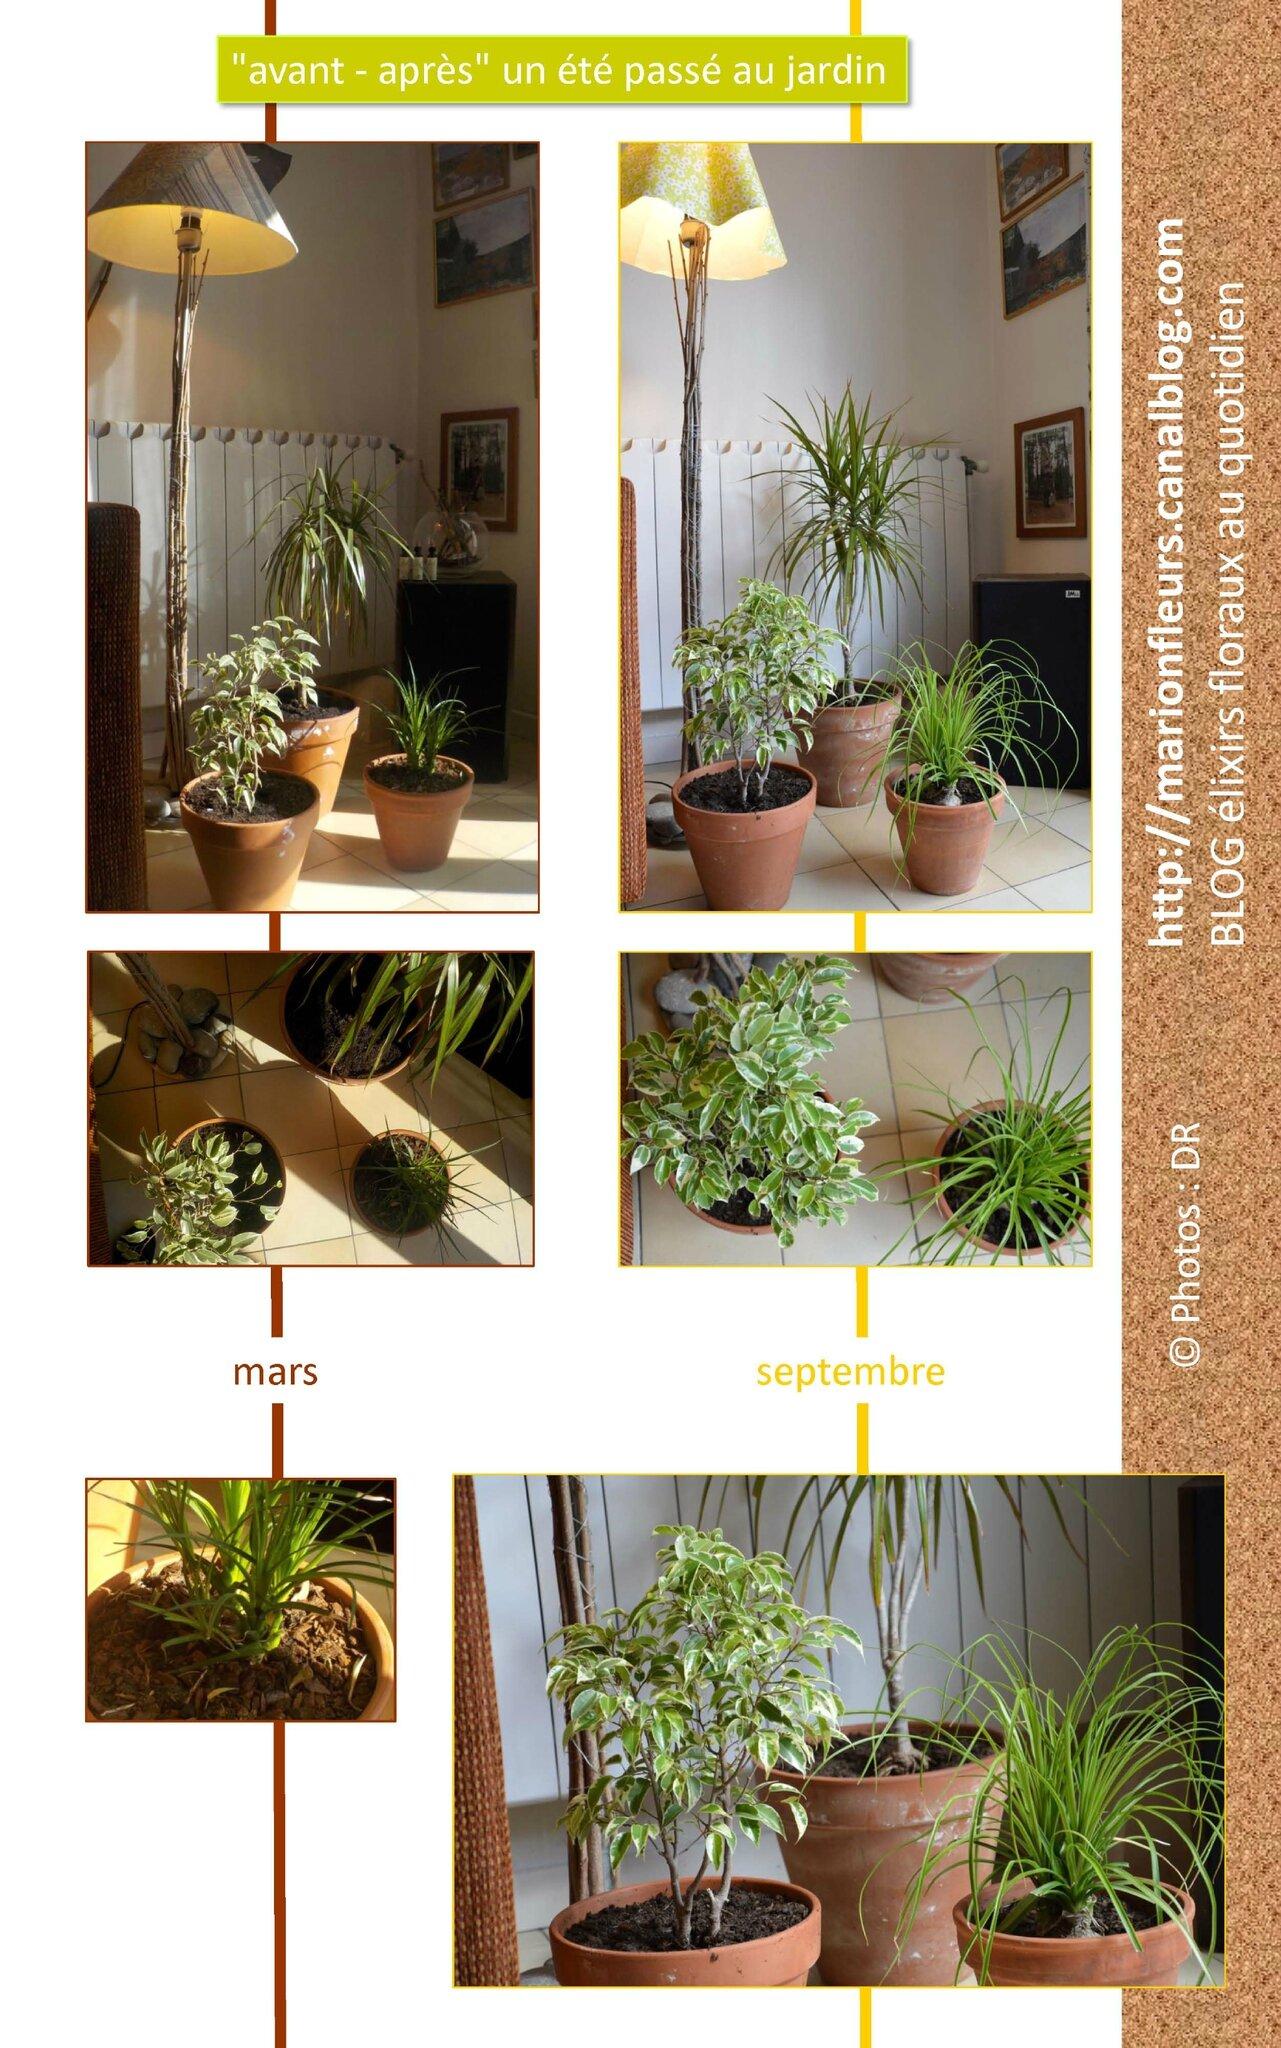 Changement de décor pour mes 3 plantes vertes / La lumière comme nourriture / Fleur de Bach : Walnut, Honeysuckle, Mustard